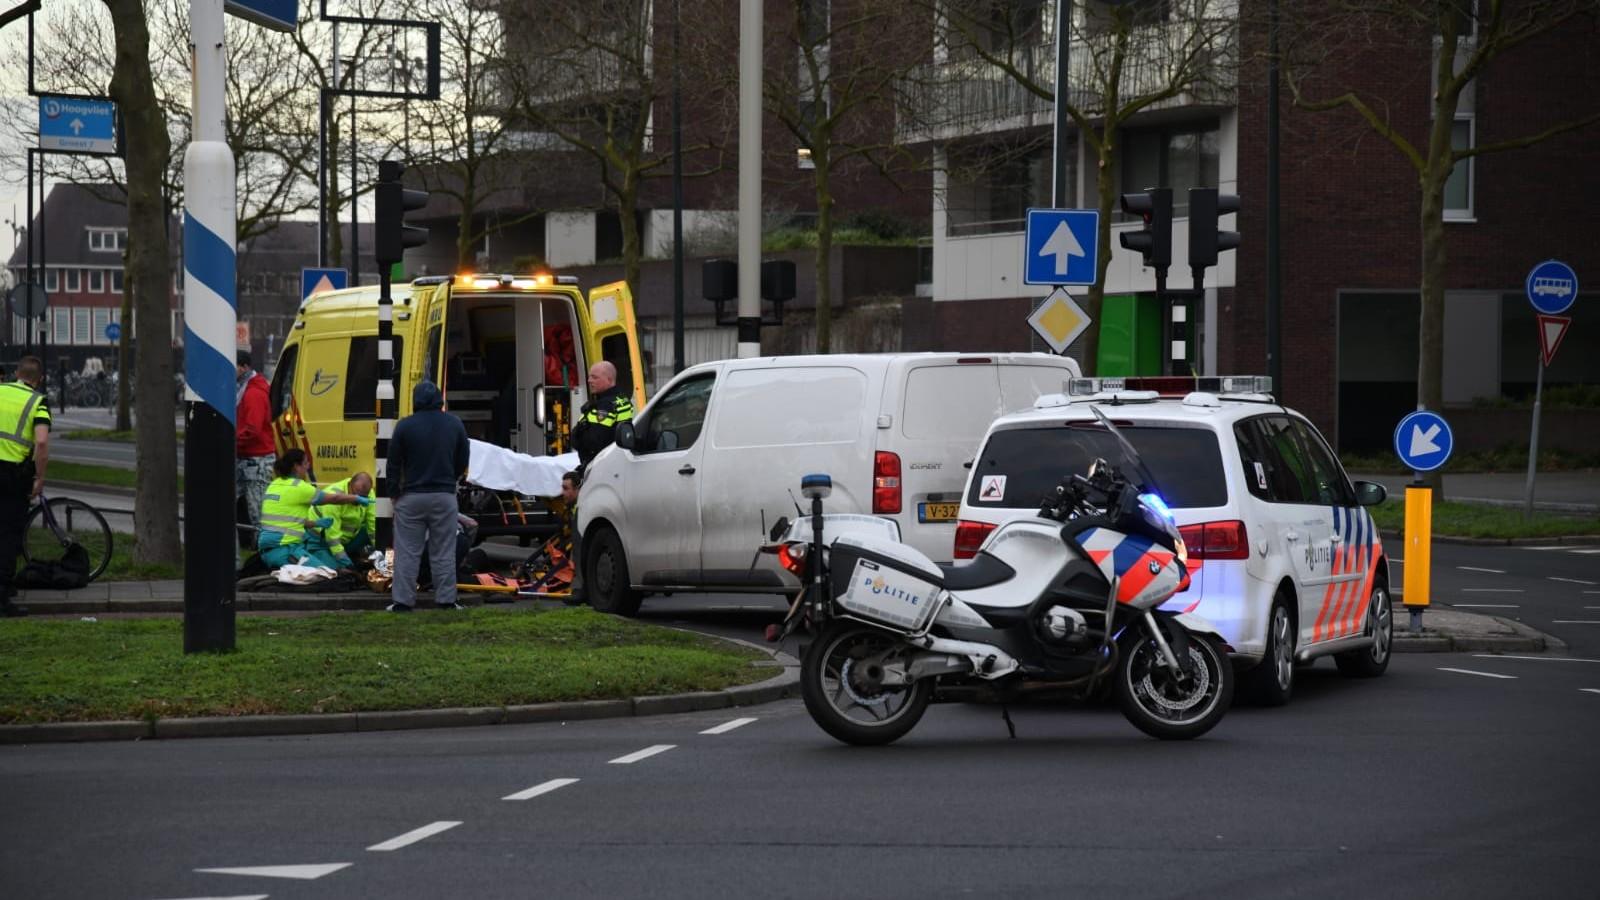 Fietsser gewond na aanrijding op oversteekplaats in Hilversum